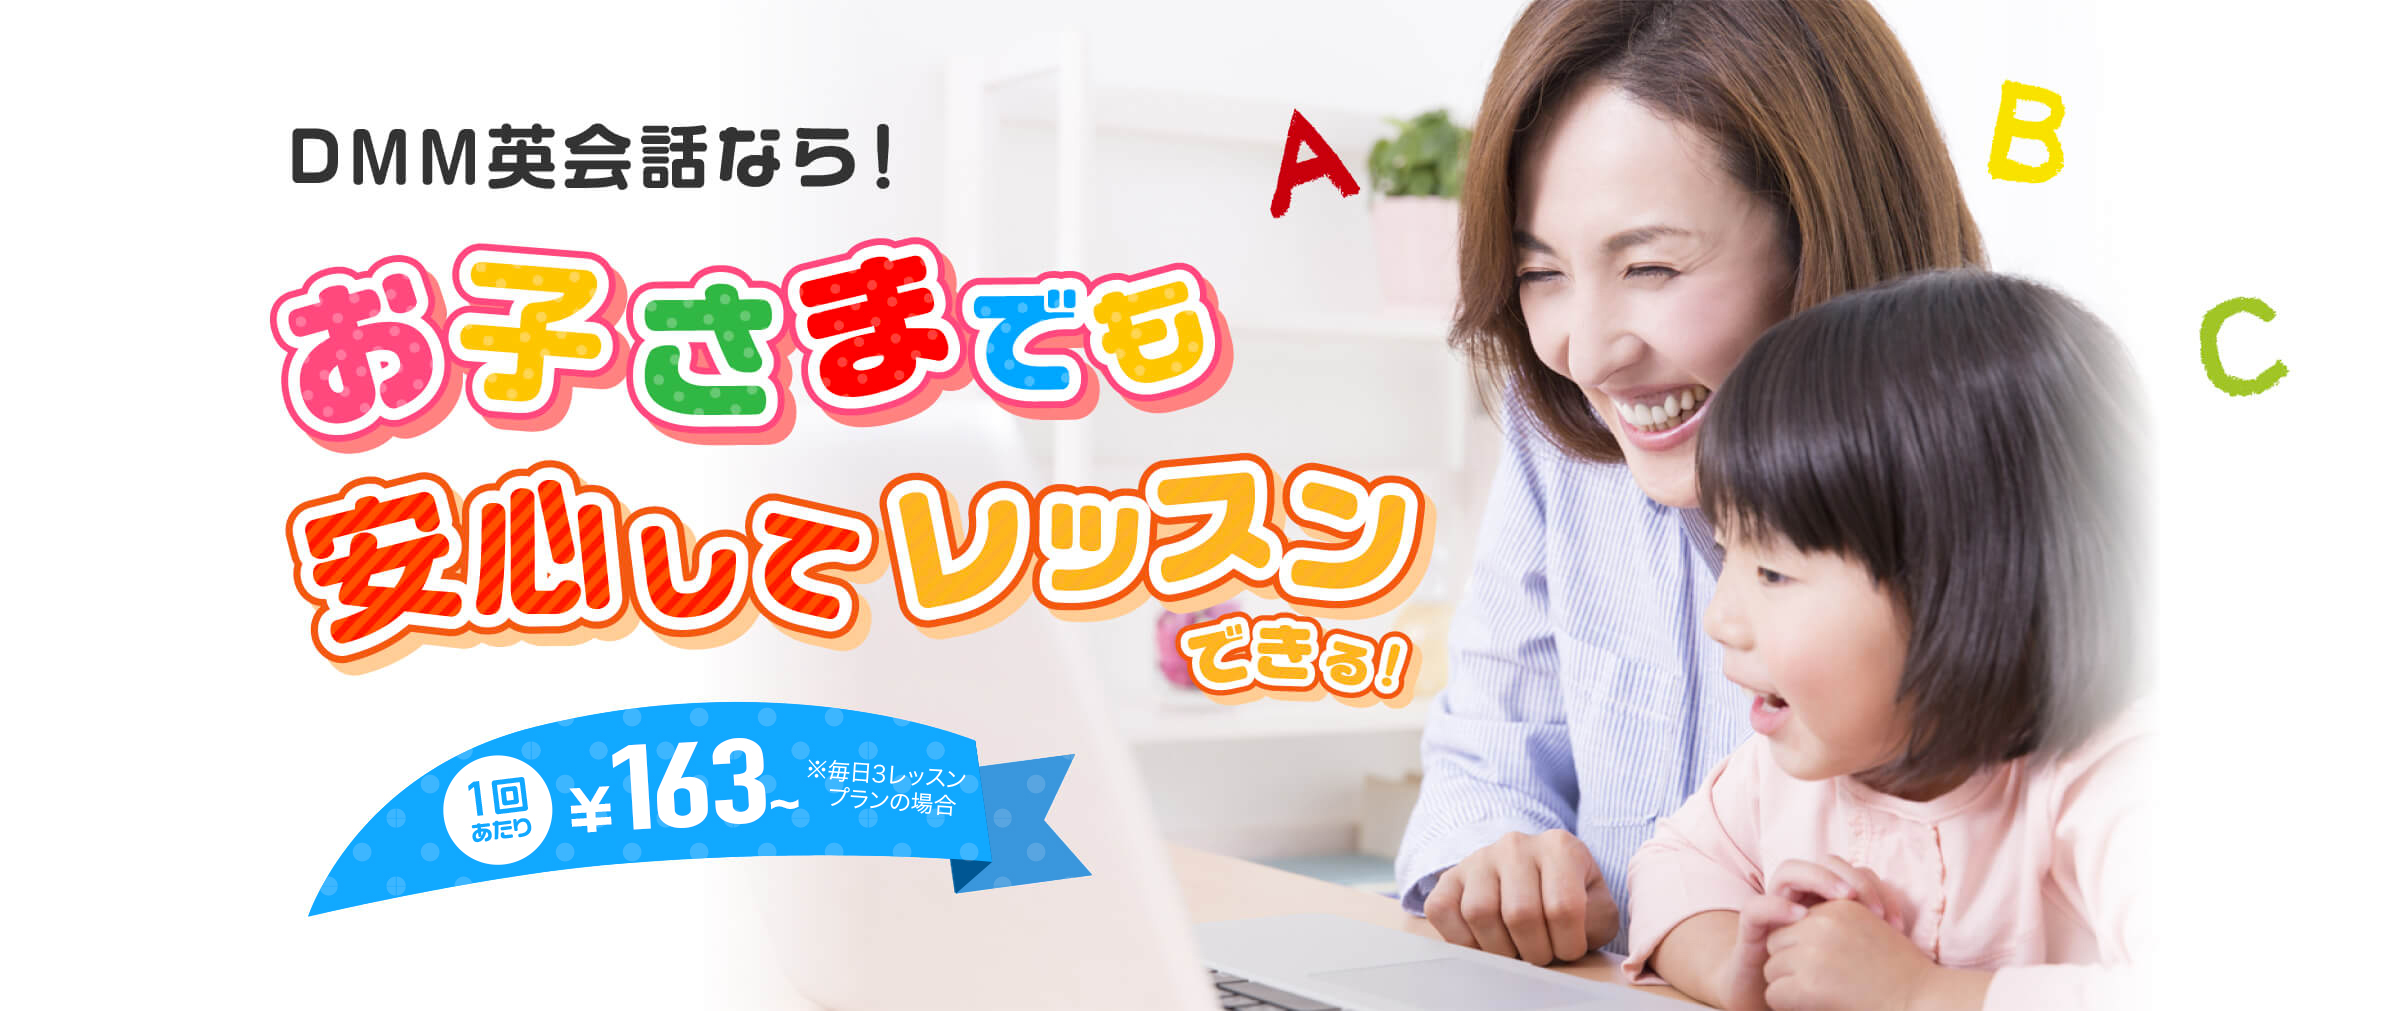 そばで成長を実感できる! オンライン こども英会話! 1回あたり163円~